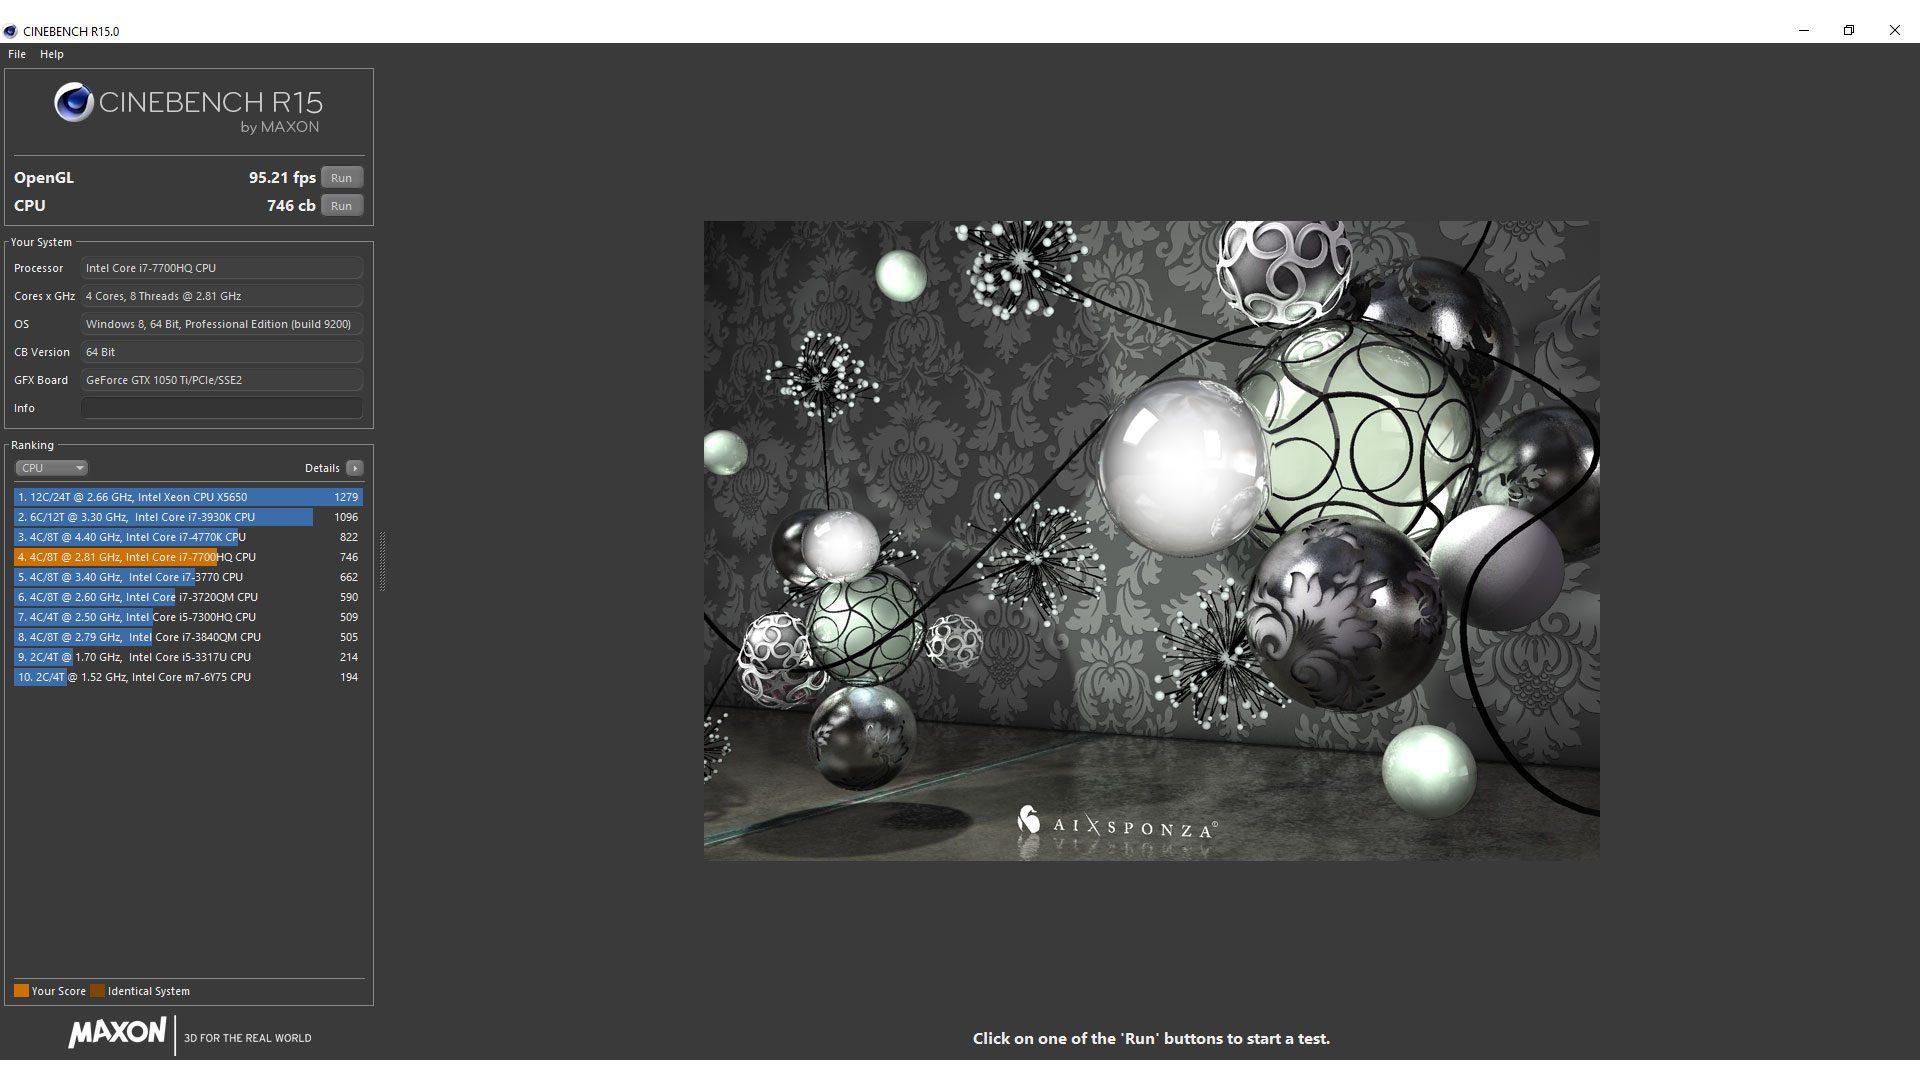 Schenker-XMG-A707-nyd_Benchmark-8